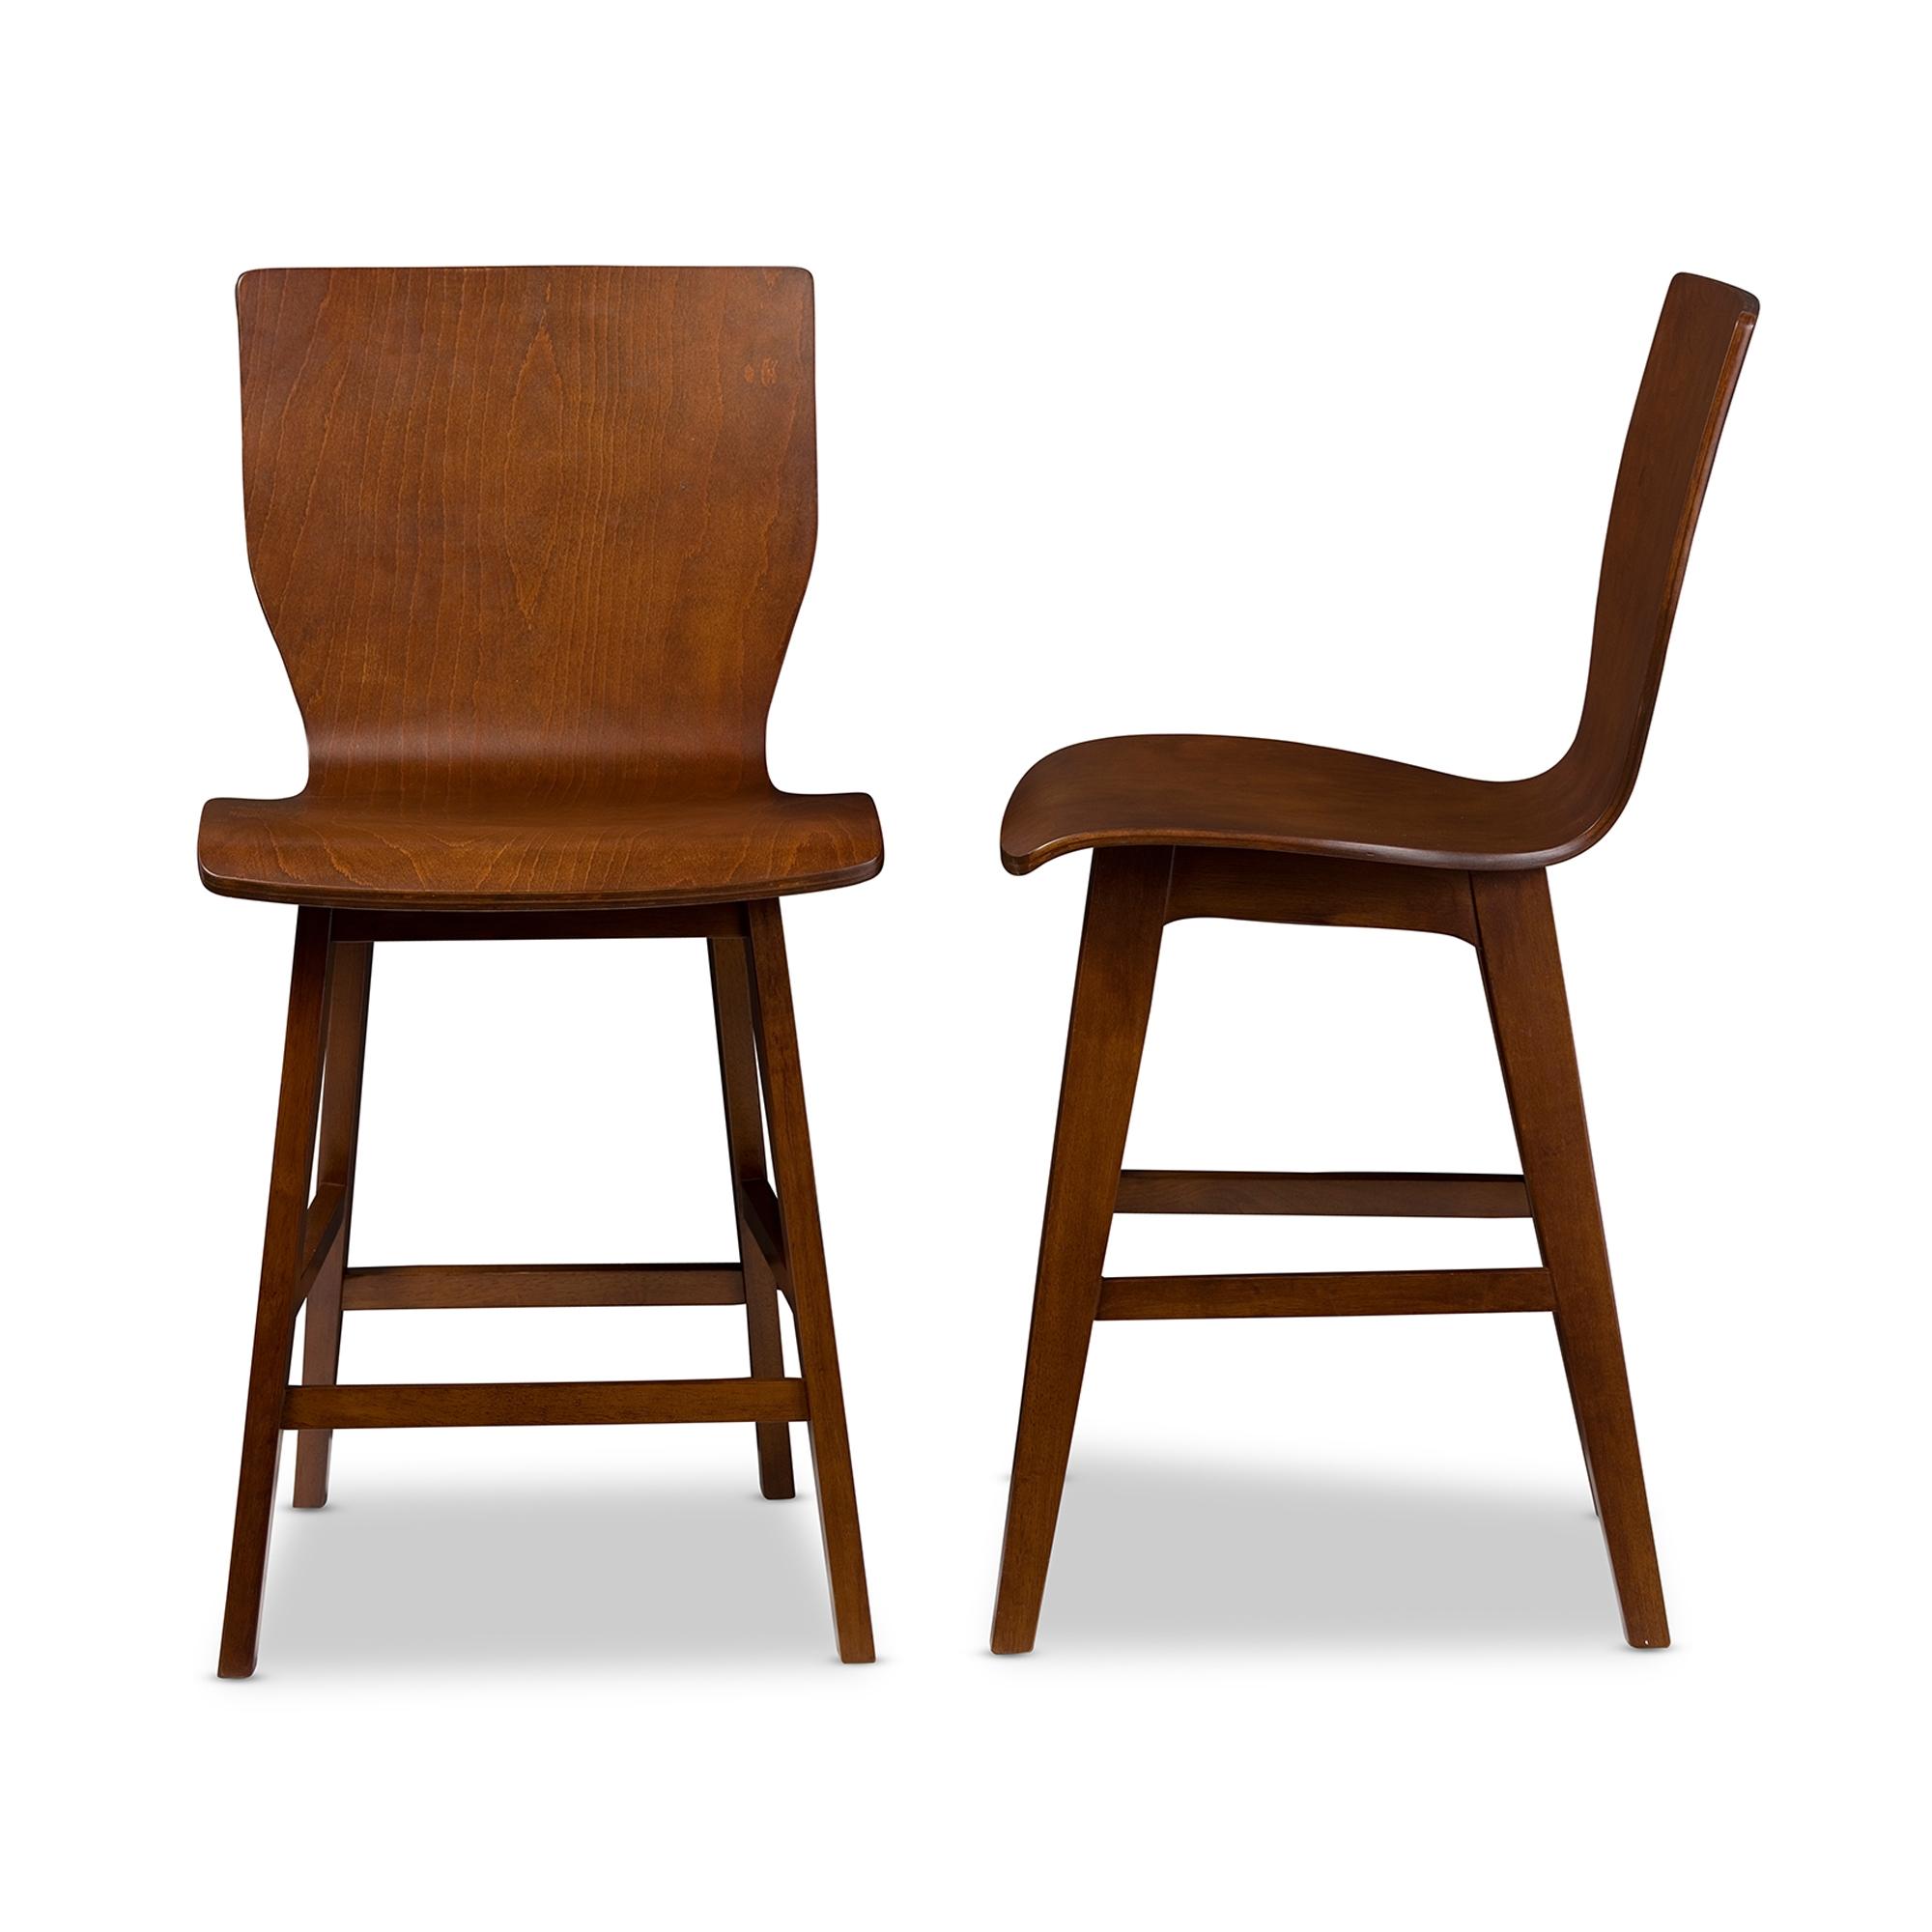 Baxton studio elsa mid century modern scandinavian style dark walnut bent wood counter stool baxton